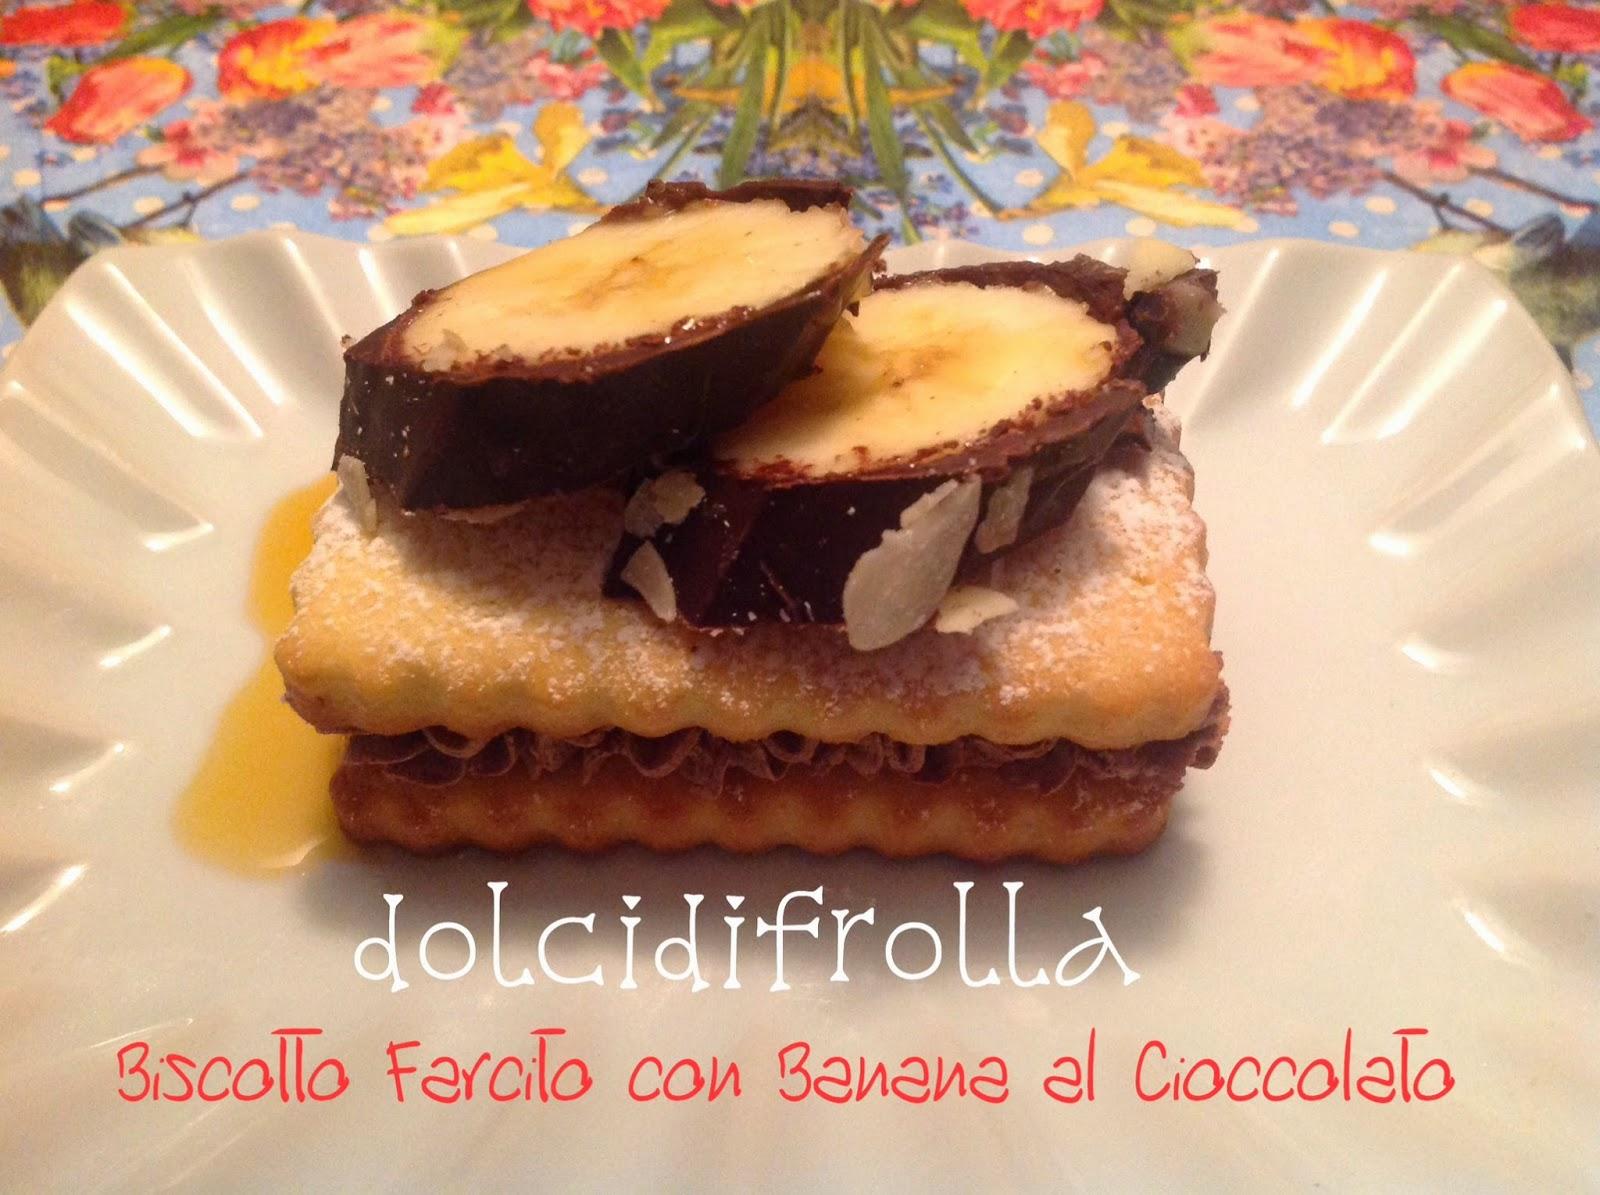 Biscotto farcito con Banana al Cioccolato